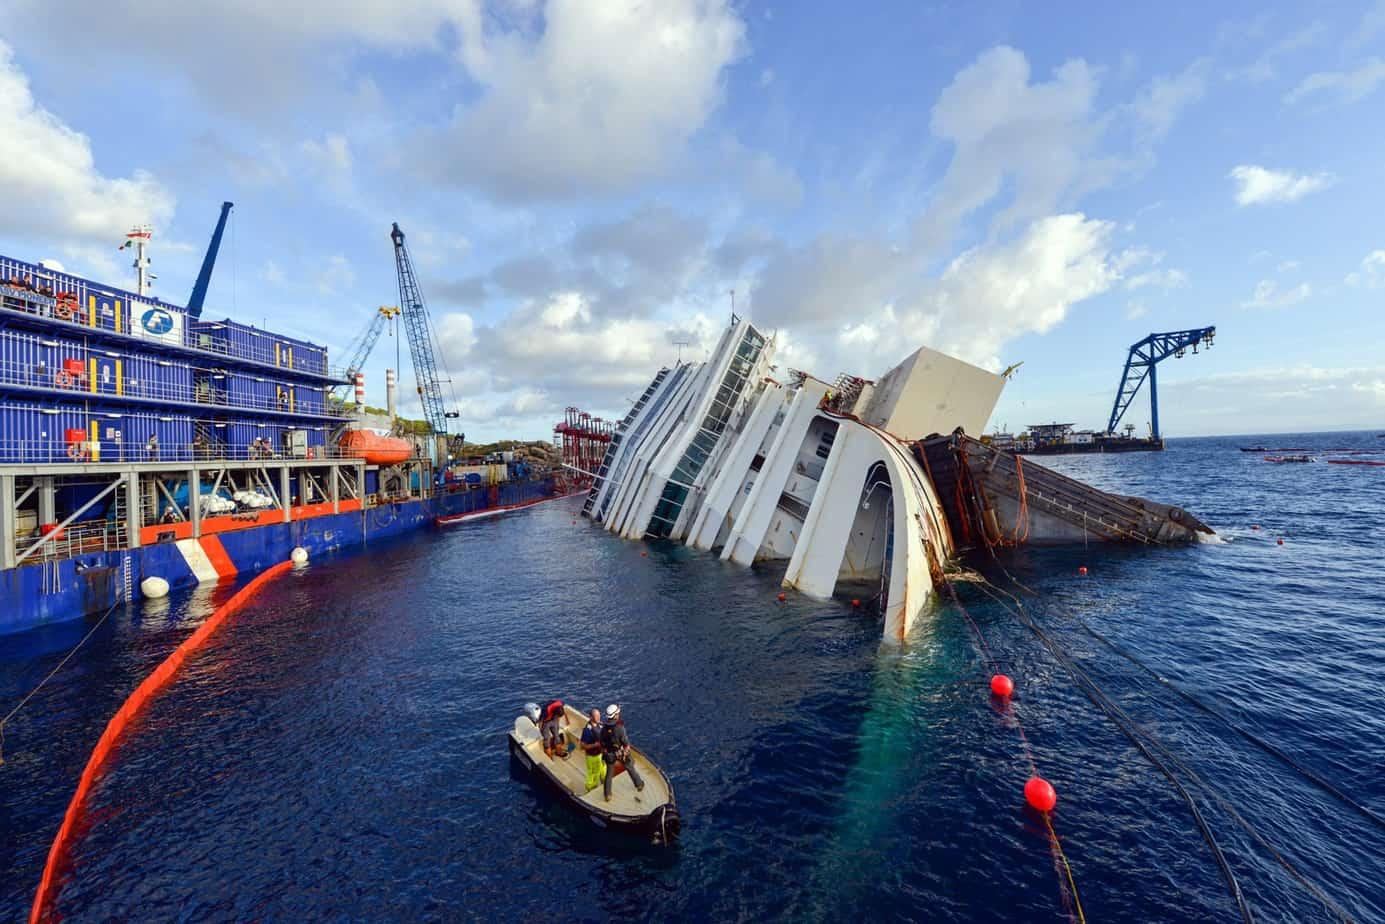 La rimozione del relitto Concordia è un'operazione tecnico-ingegneristica unica nel suo genere